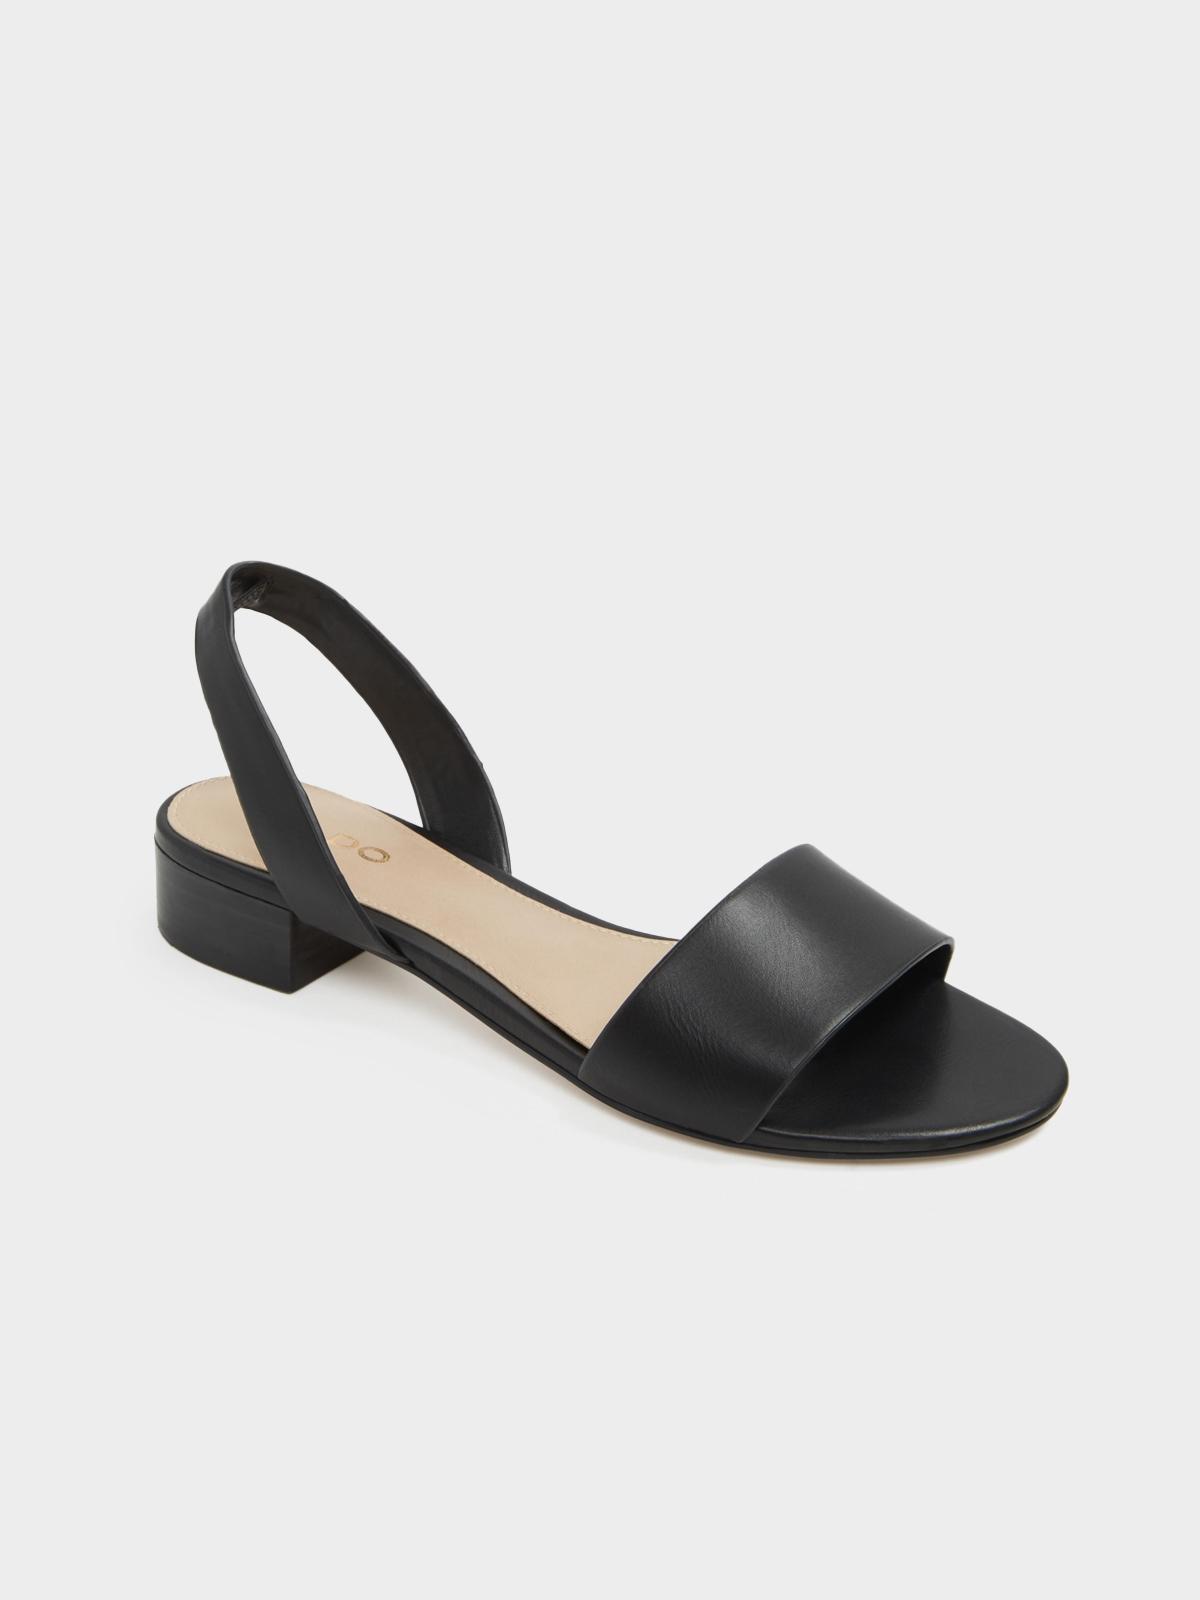 Aldo Candice Sandals Black